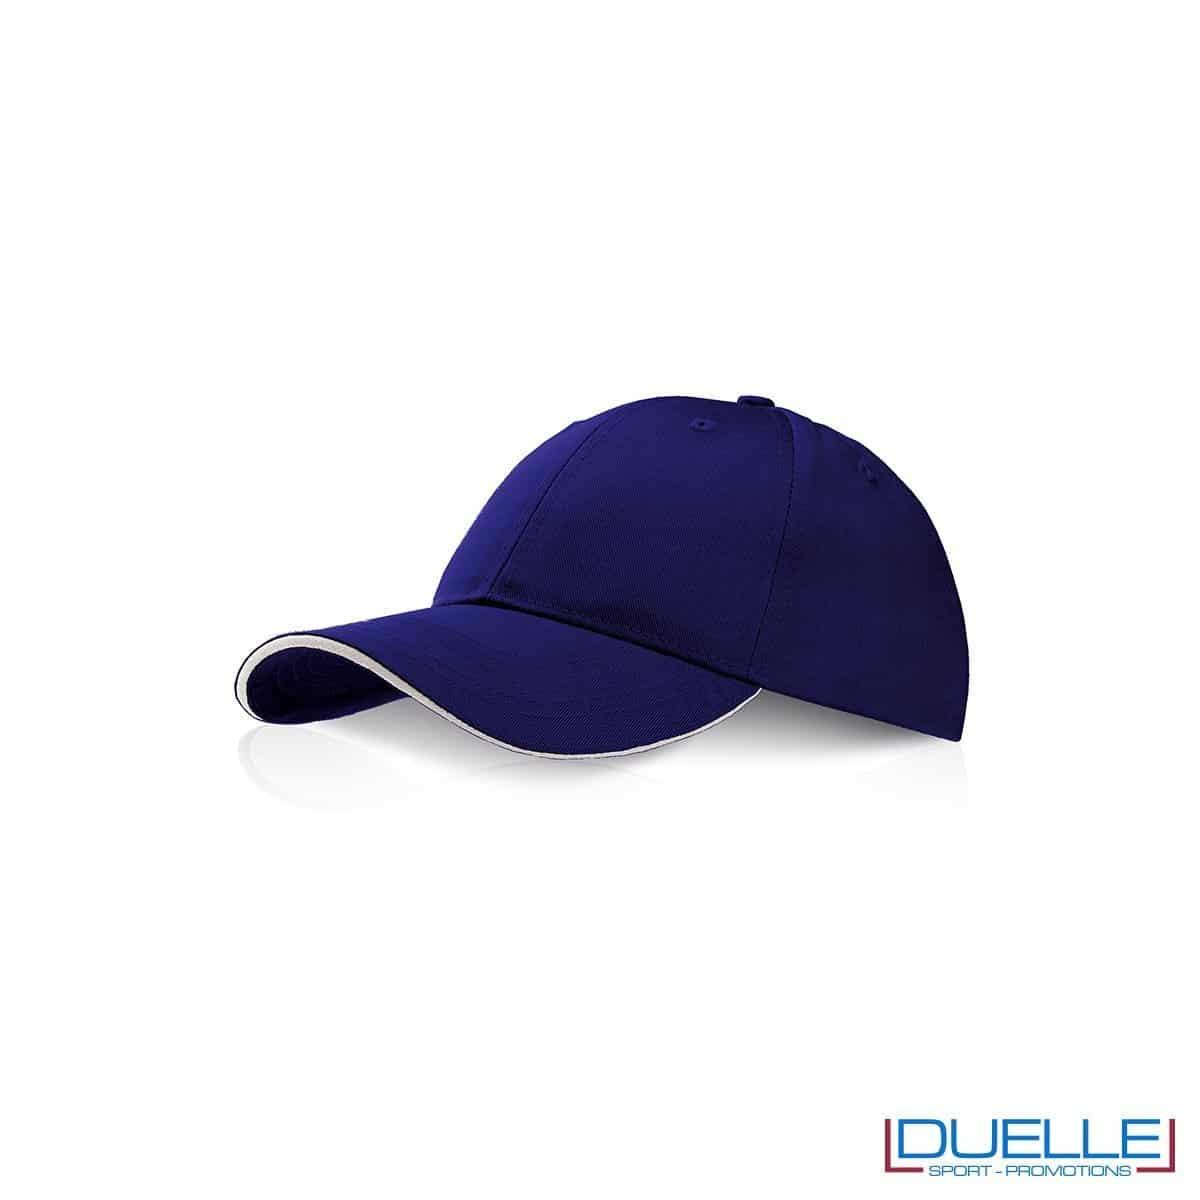 Cappellino personalizzato con visiera a sandwich blu, cappellini promozionali blu